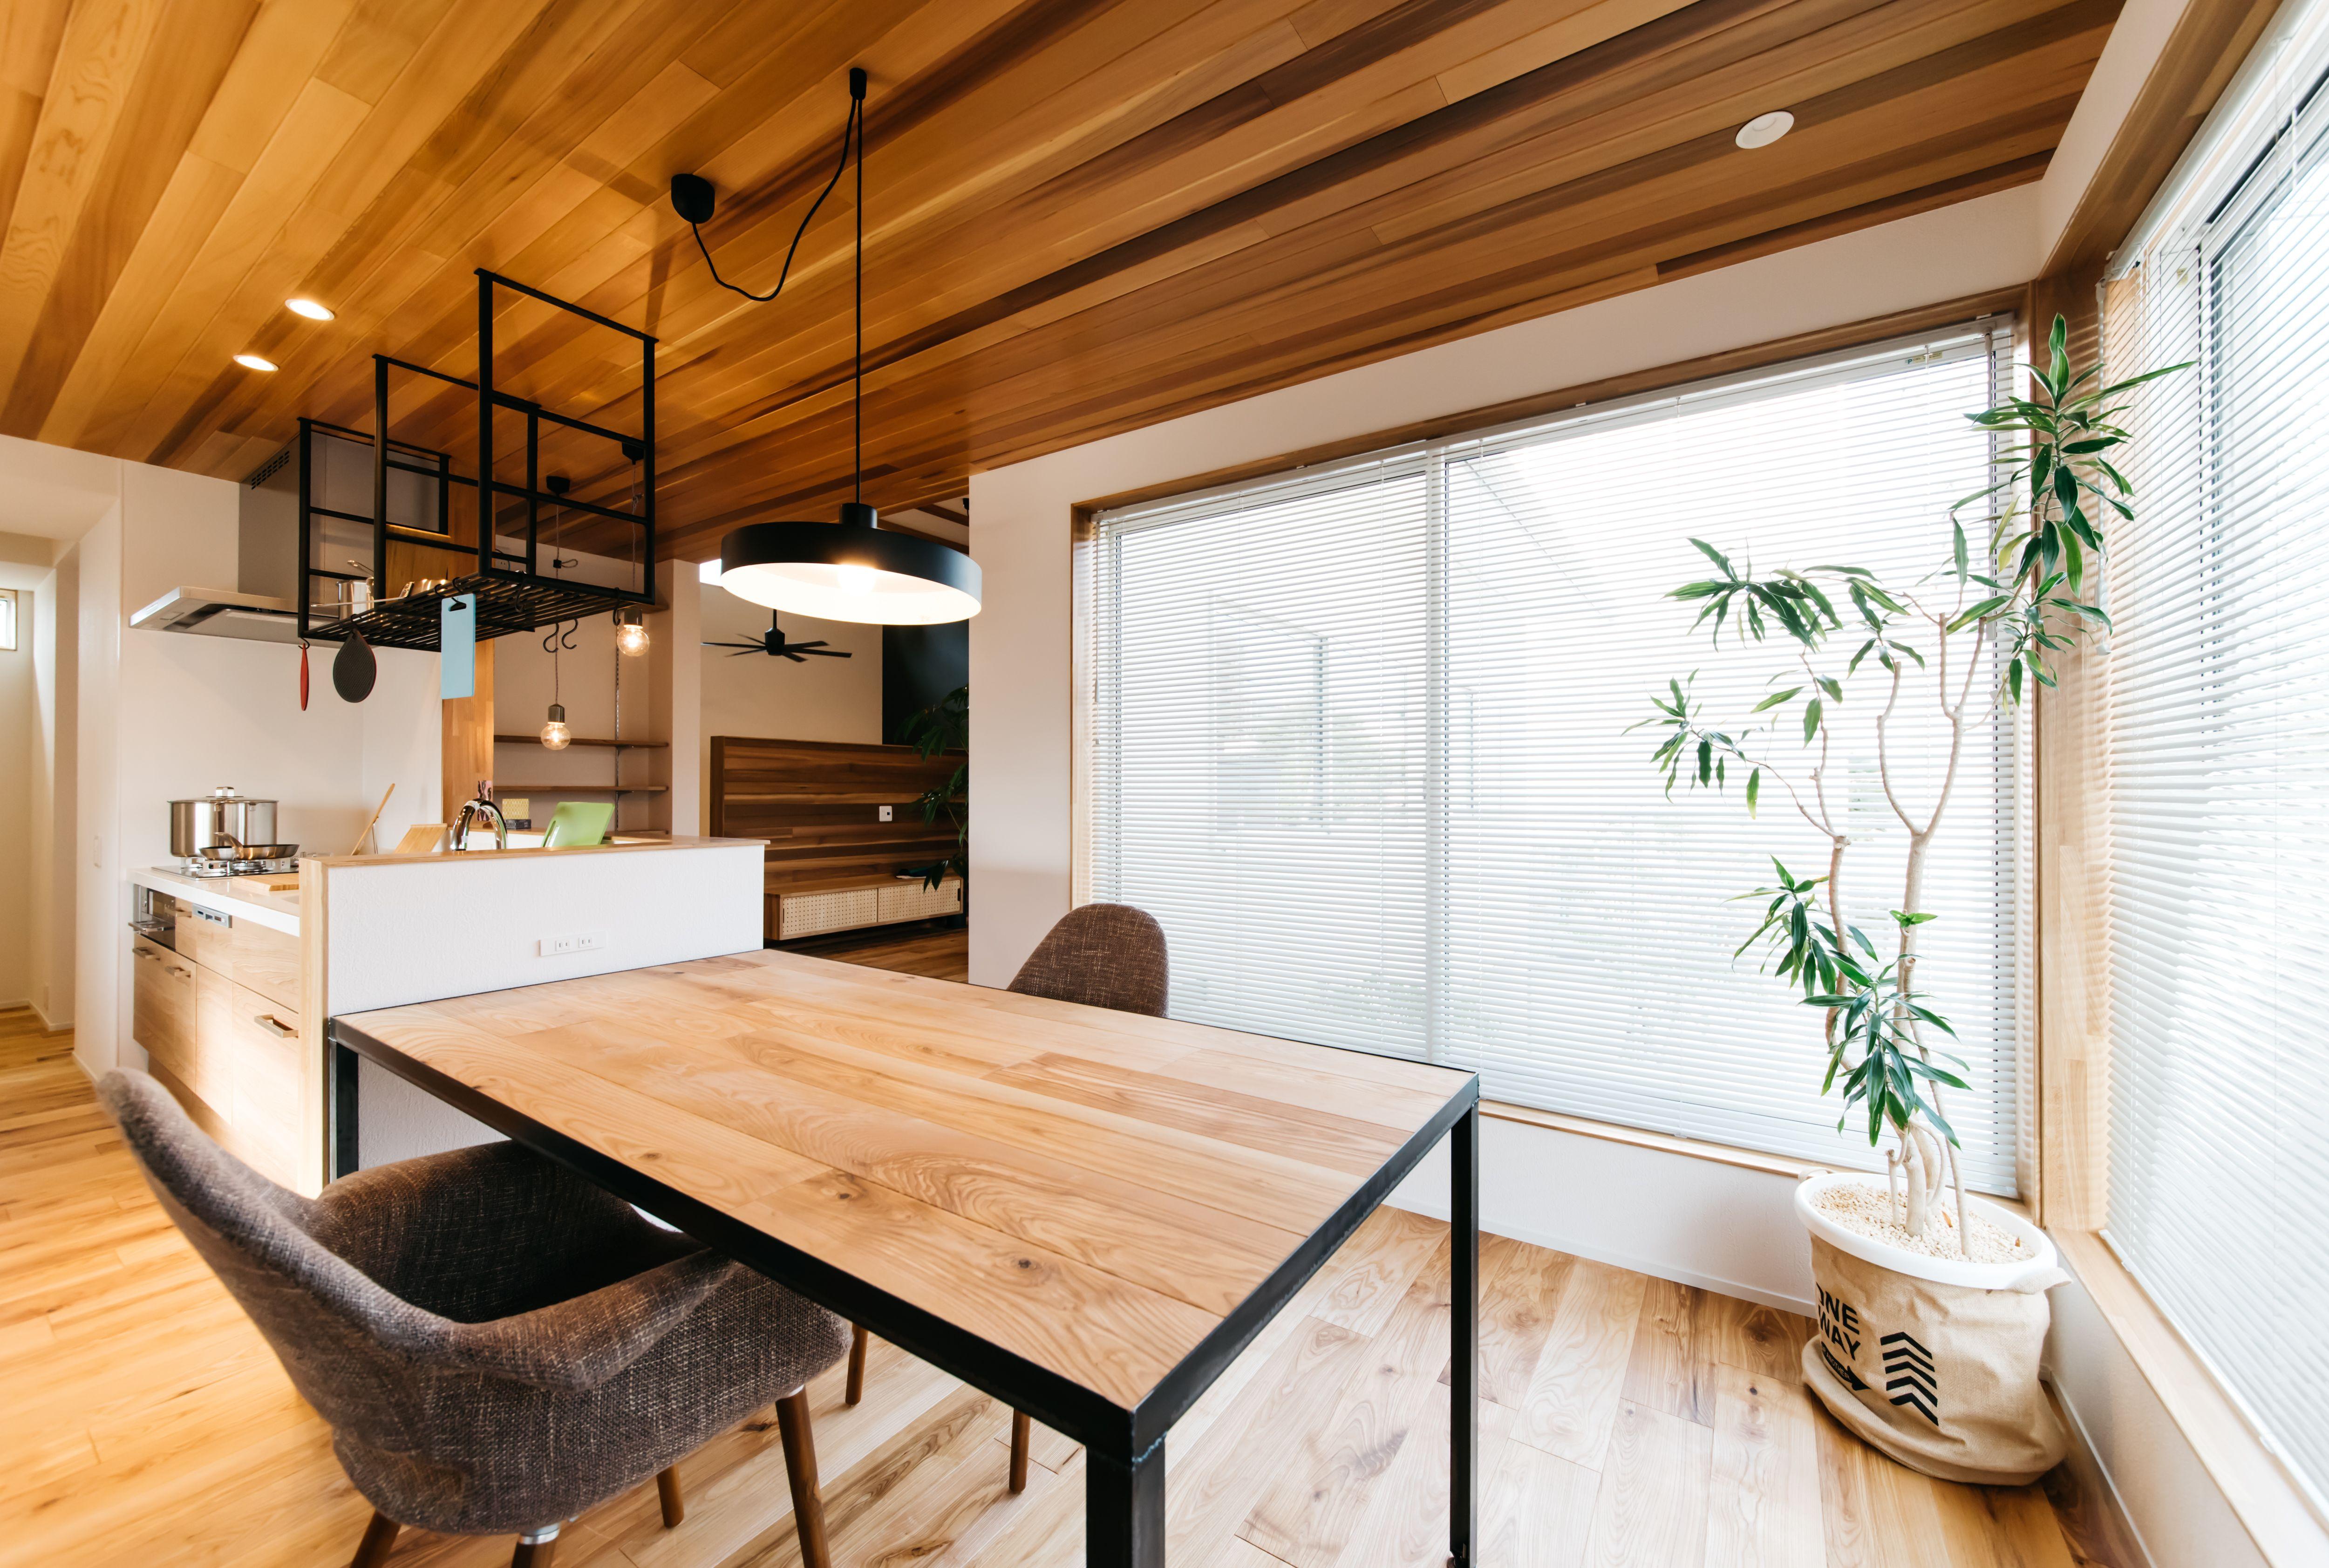 施工実例 ダイニング キッチン 天井板張り 吉成建築 模様替え インテリア 木造住宅